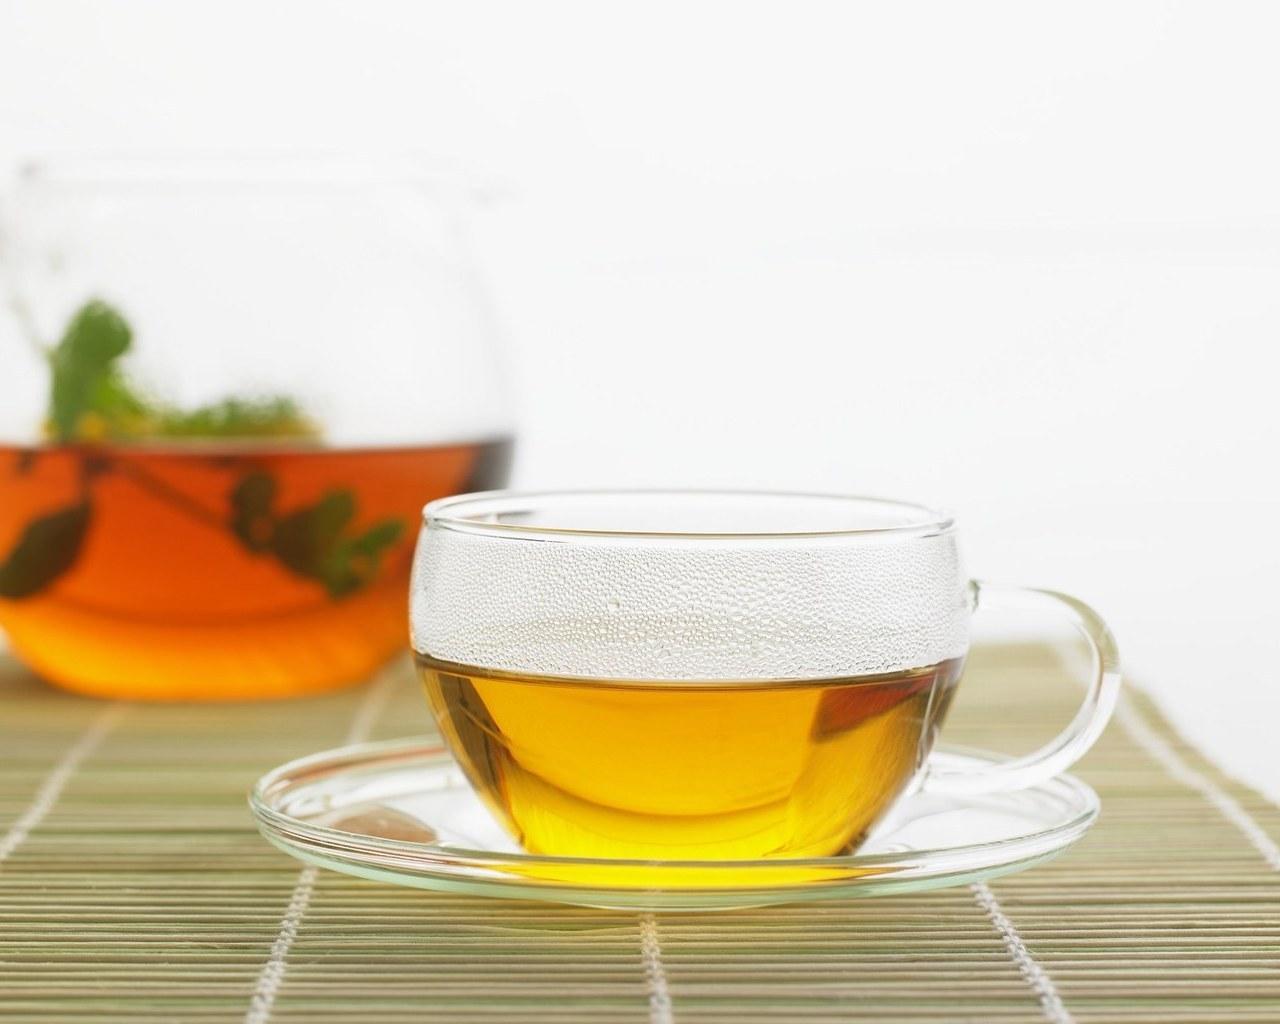 Чай убивает золотистый стафилококк